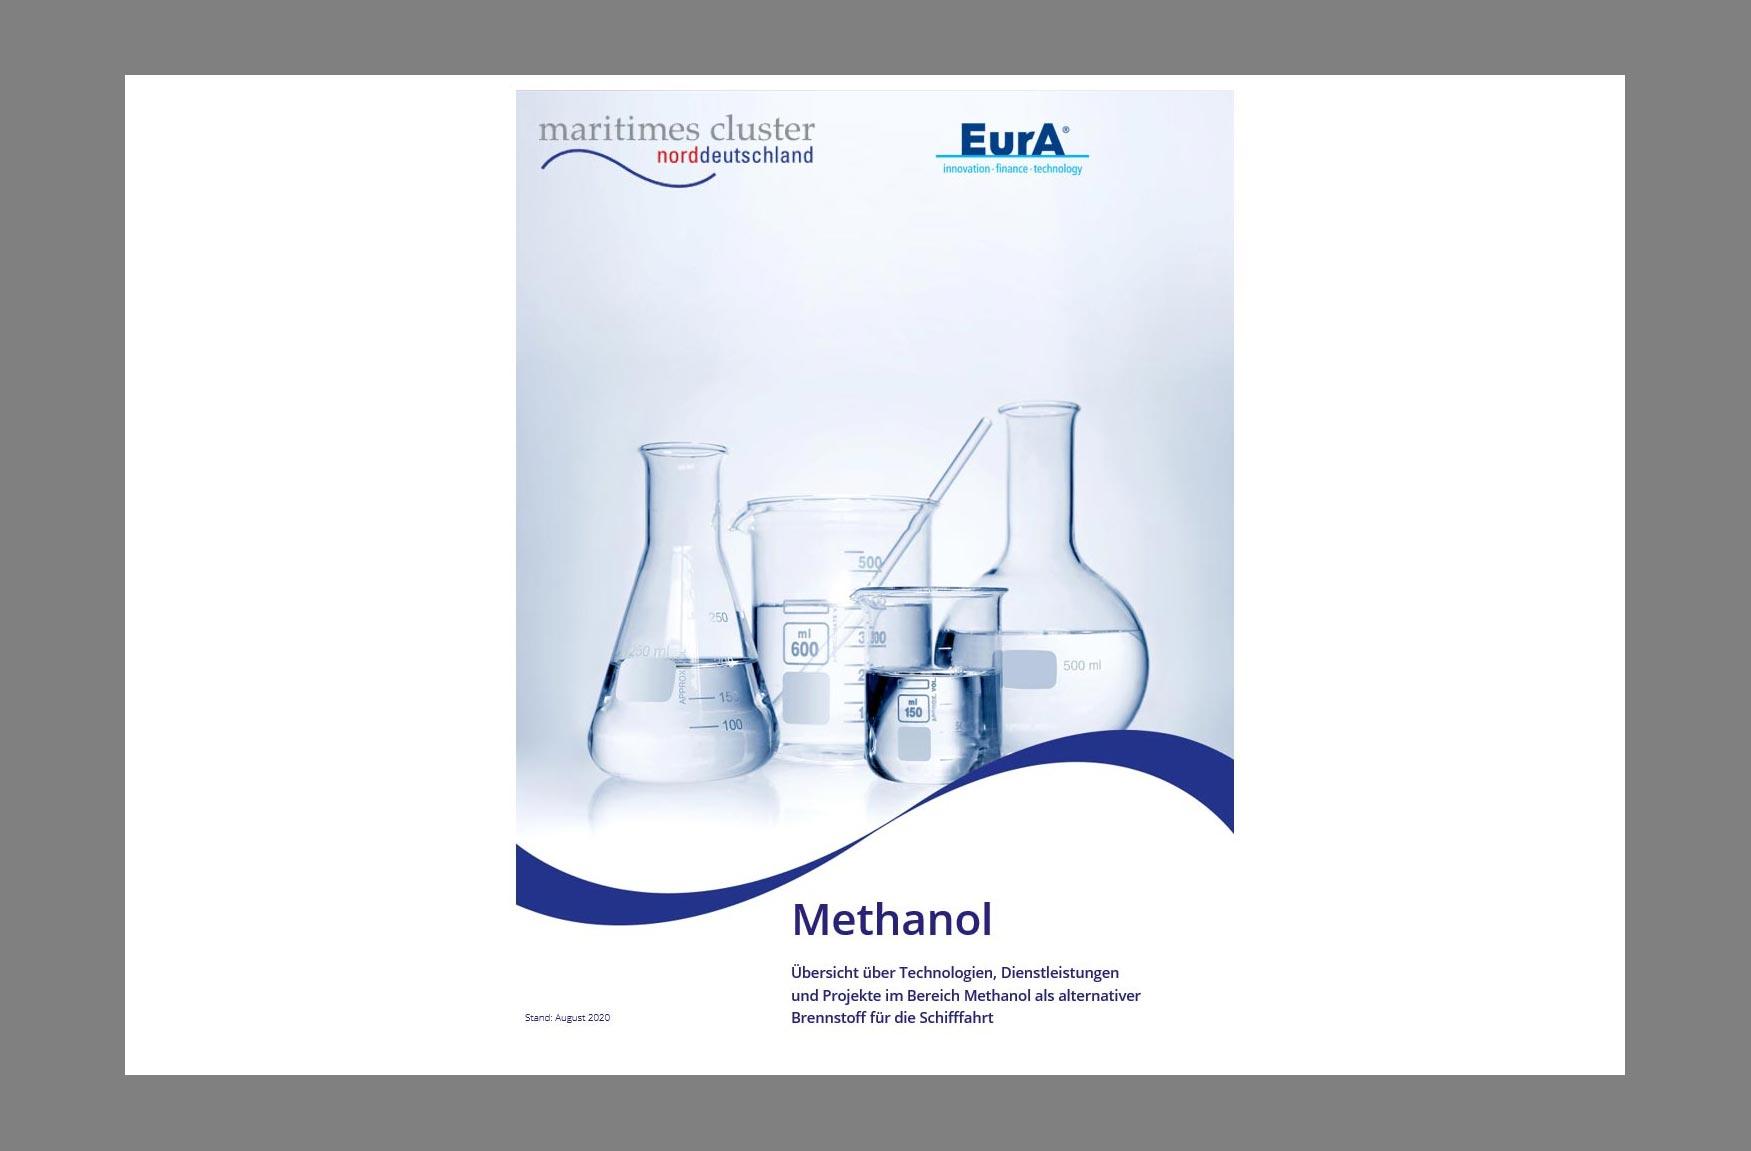 Methanol Marktübersicht